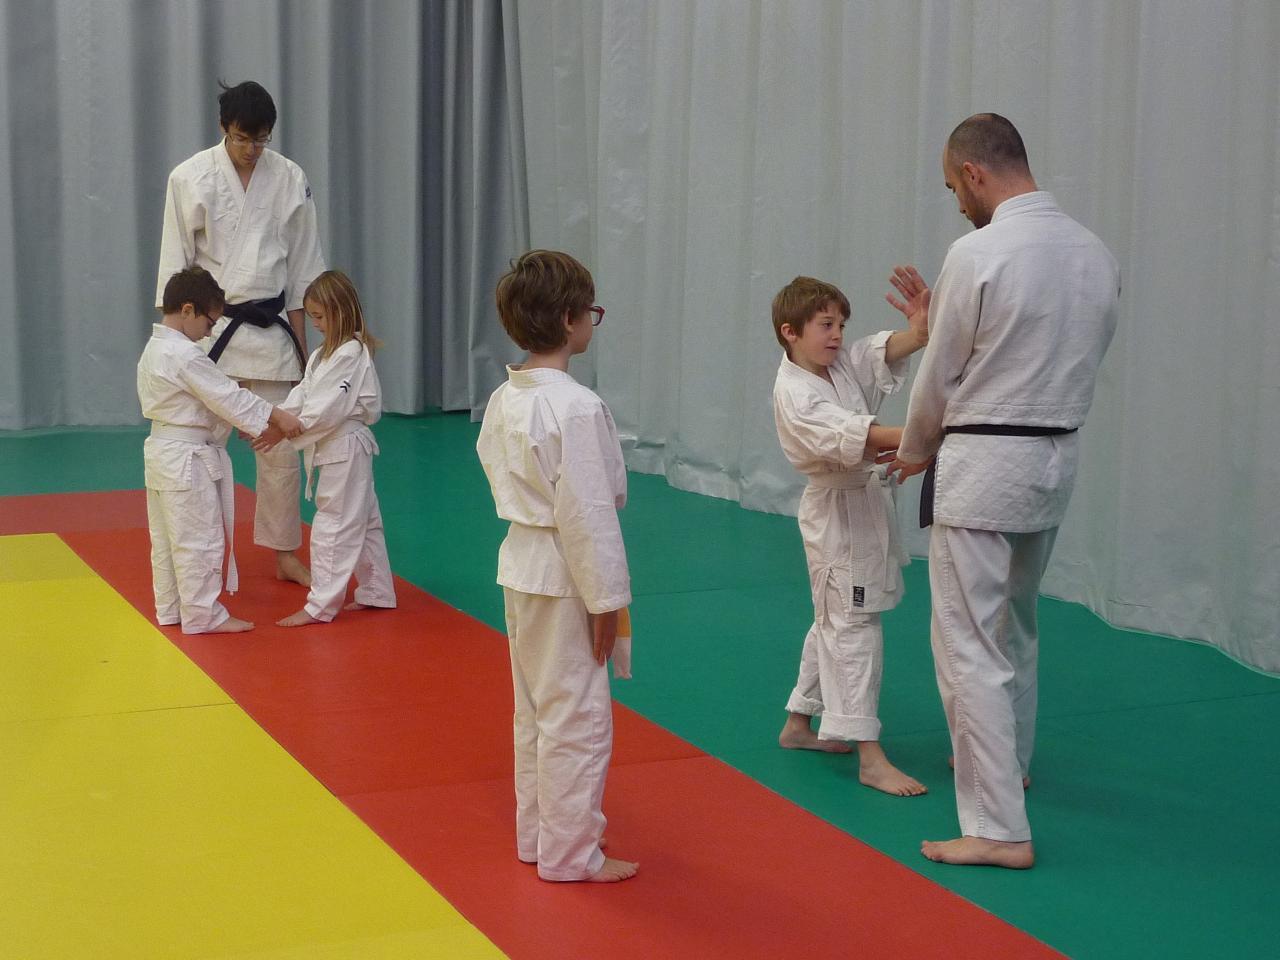 Cours 6-9 ans, étude kata debout, décembre 2017, Wa-Jutsu Villeneuvois